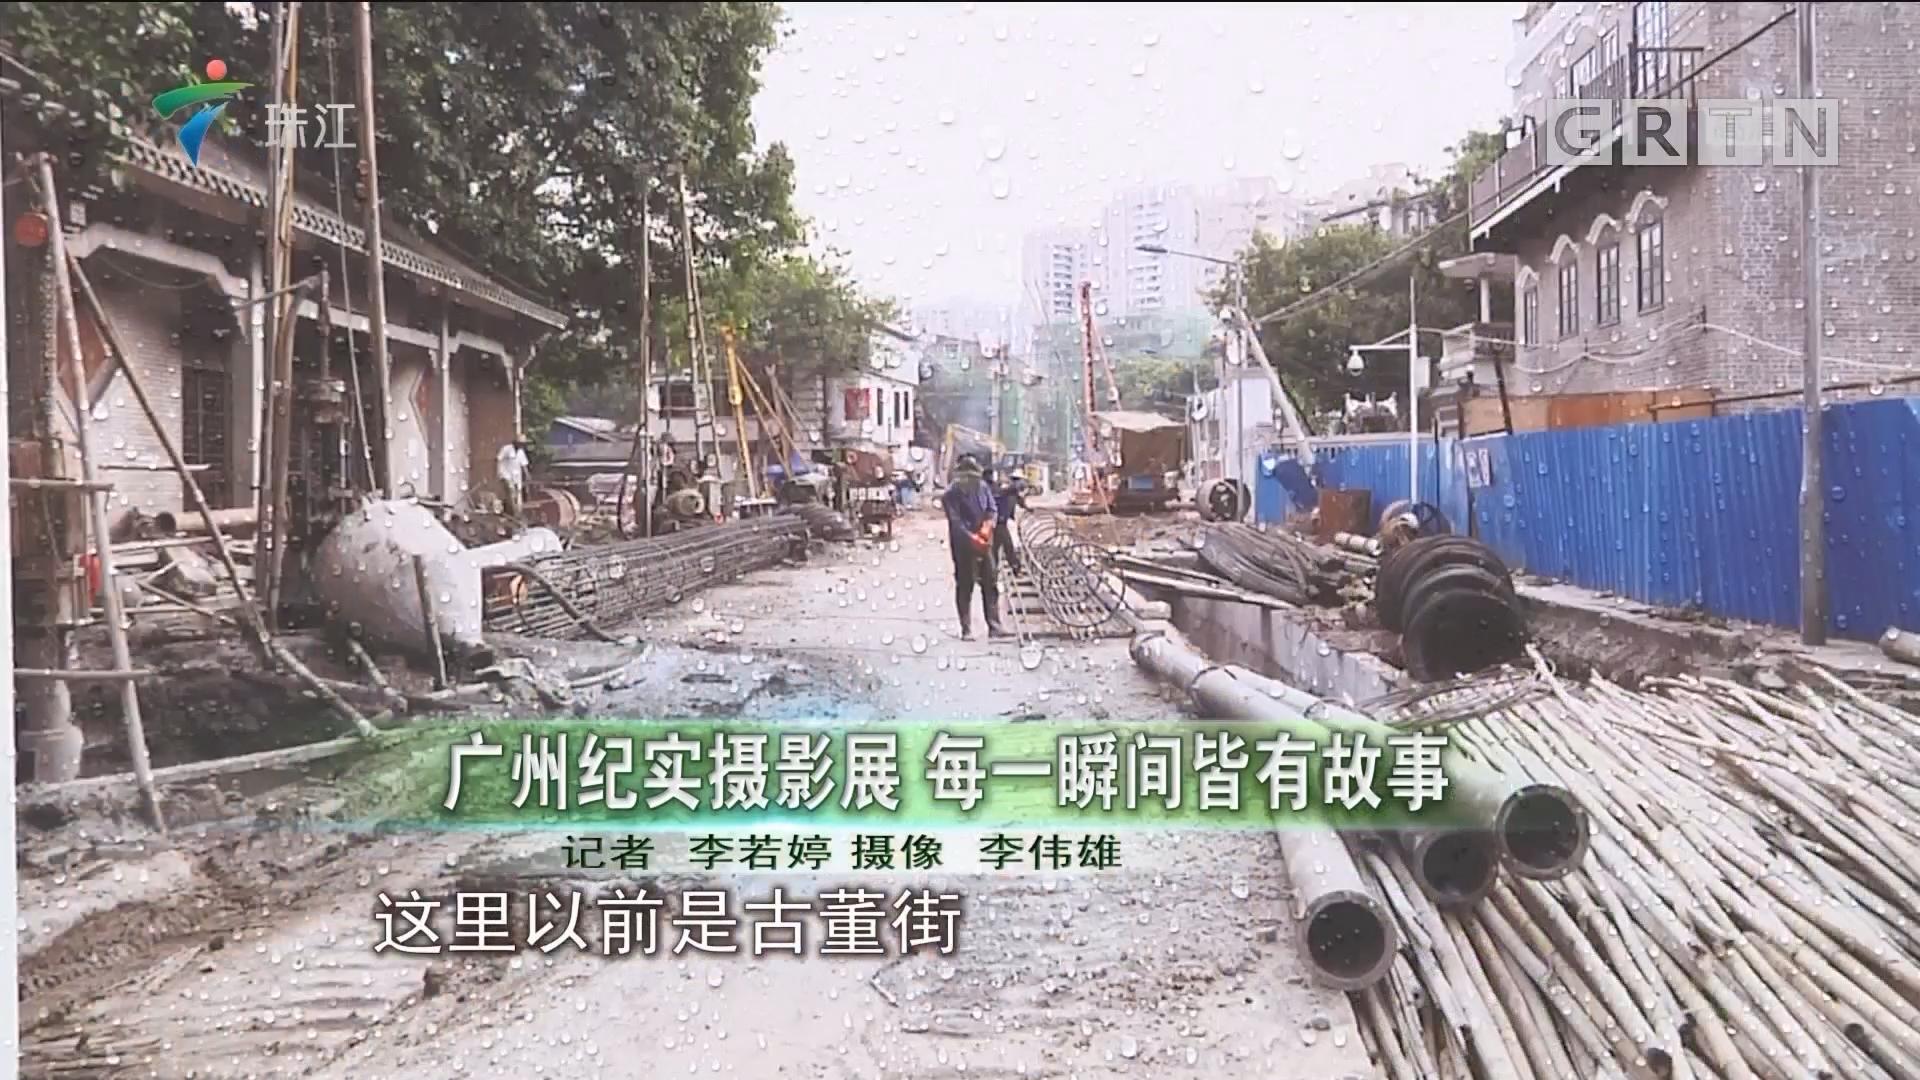 广州纪实摄影展 每一瞬间皆有故事